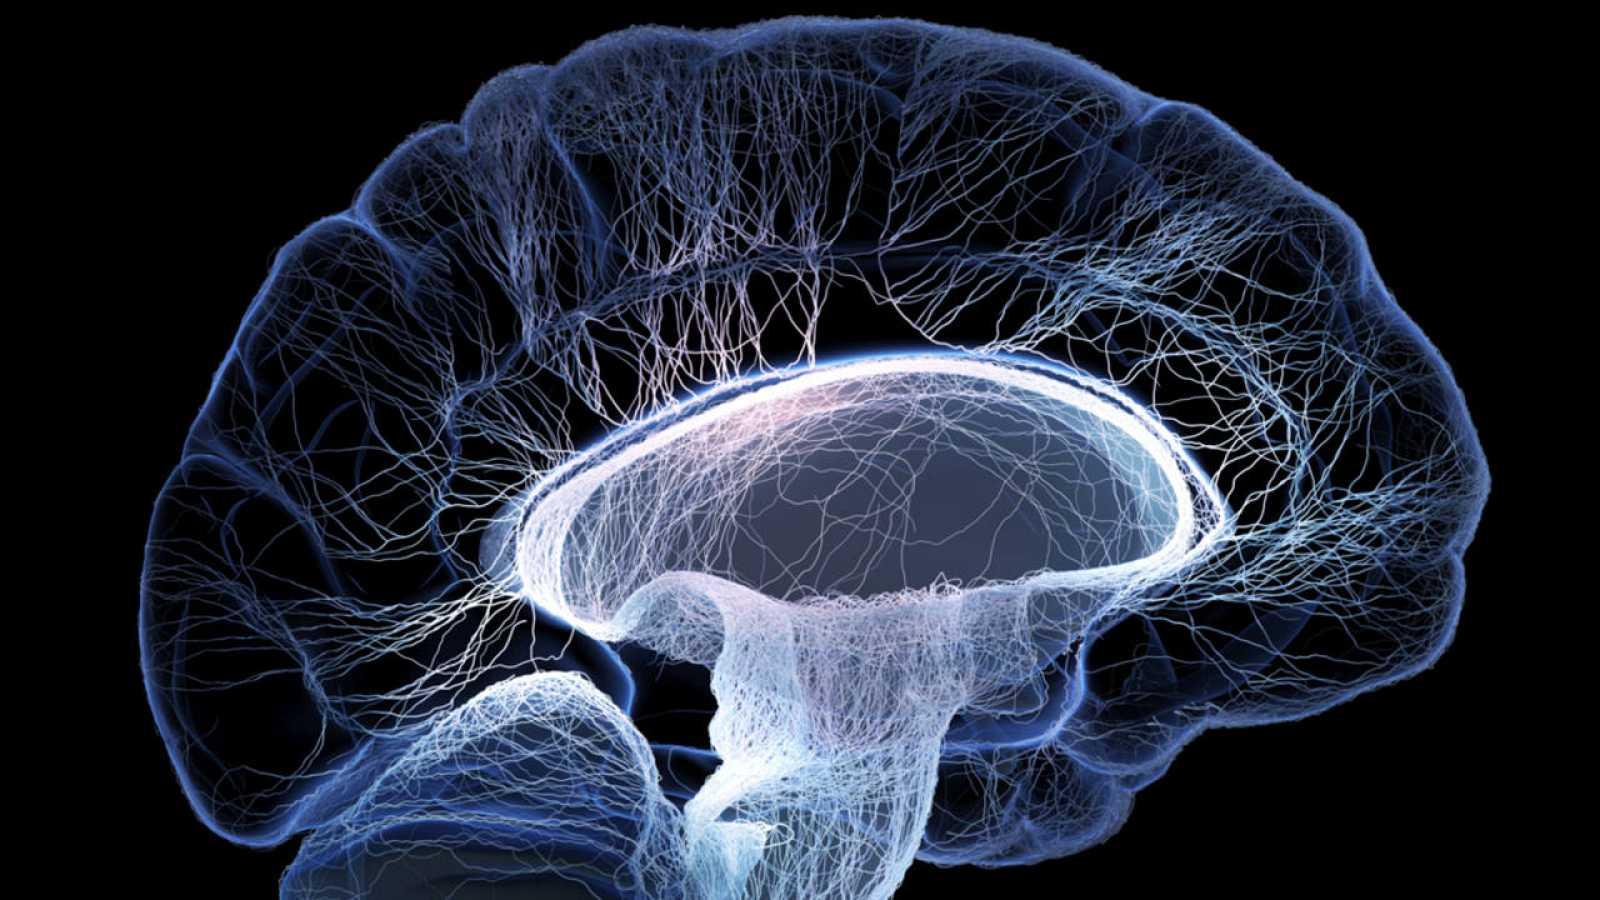 El cerebro olvida de manera intencionada, aunque sea temporalmente, para ahorrar energía.